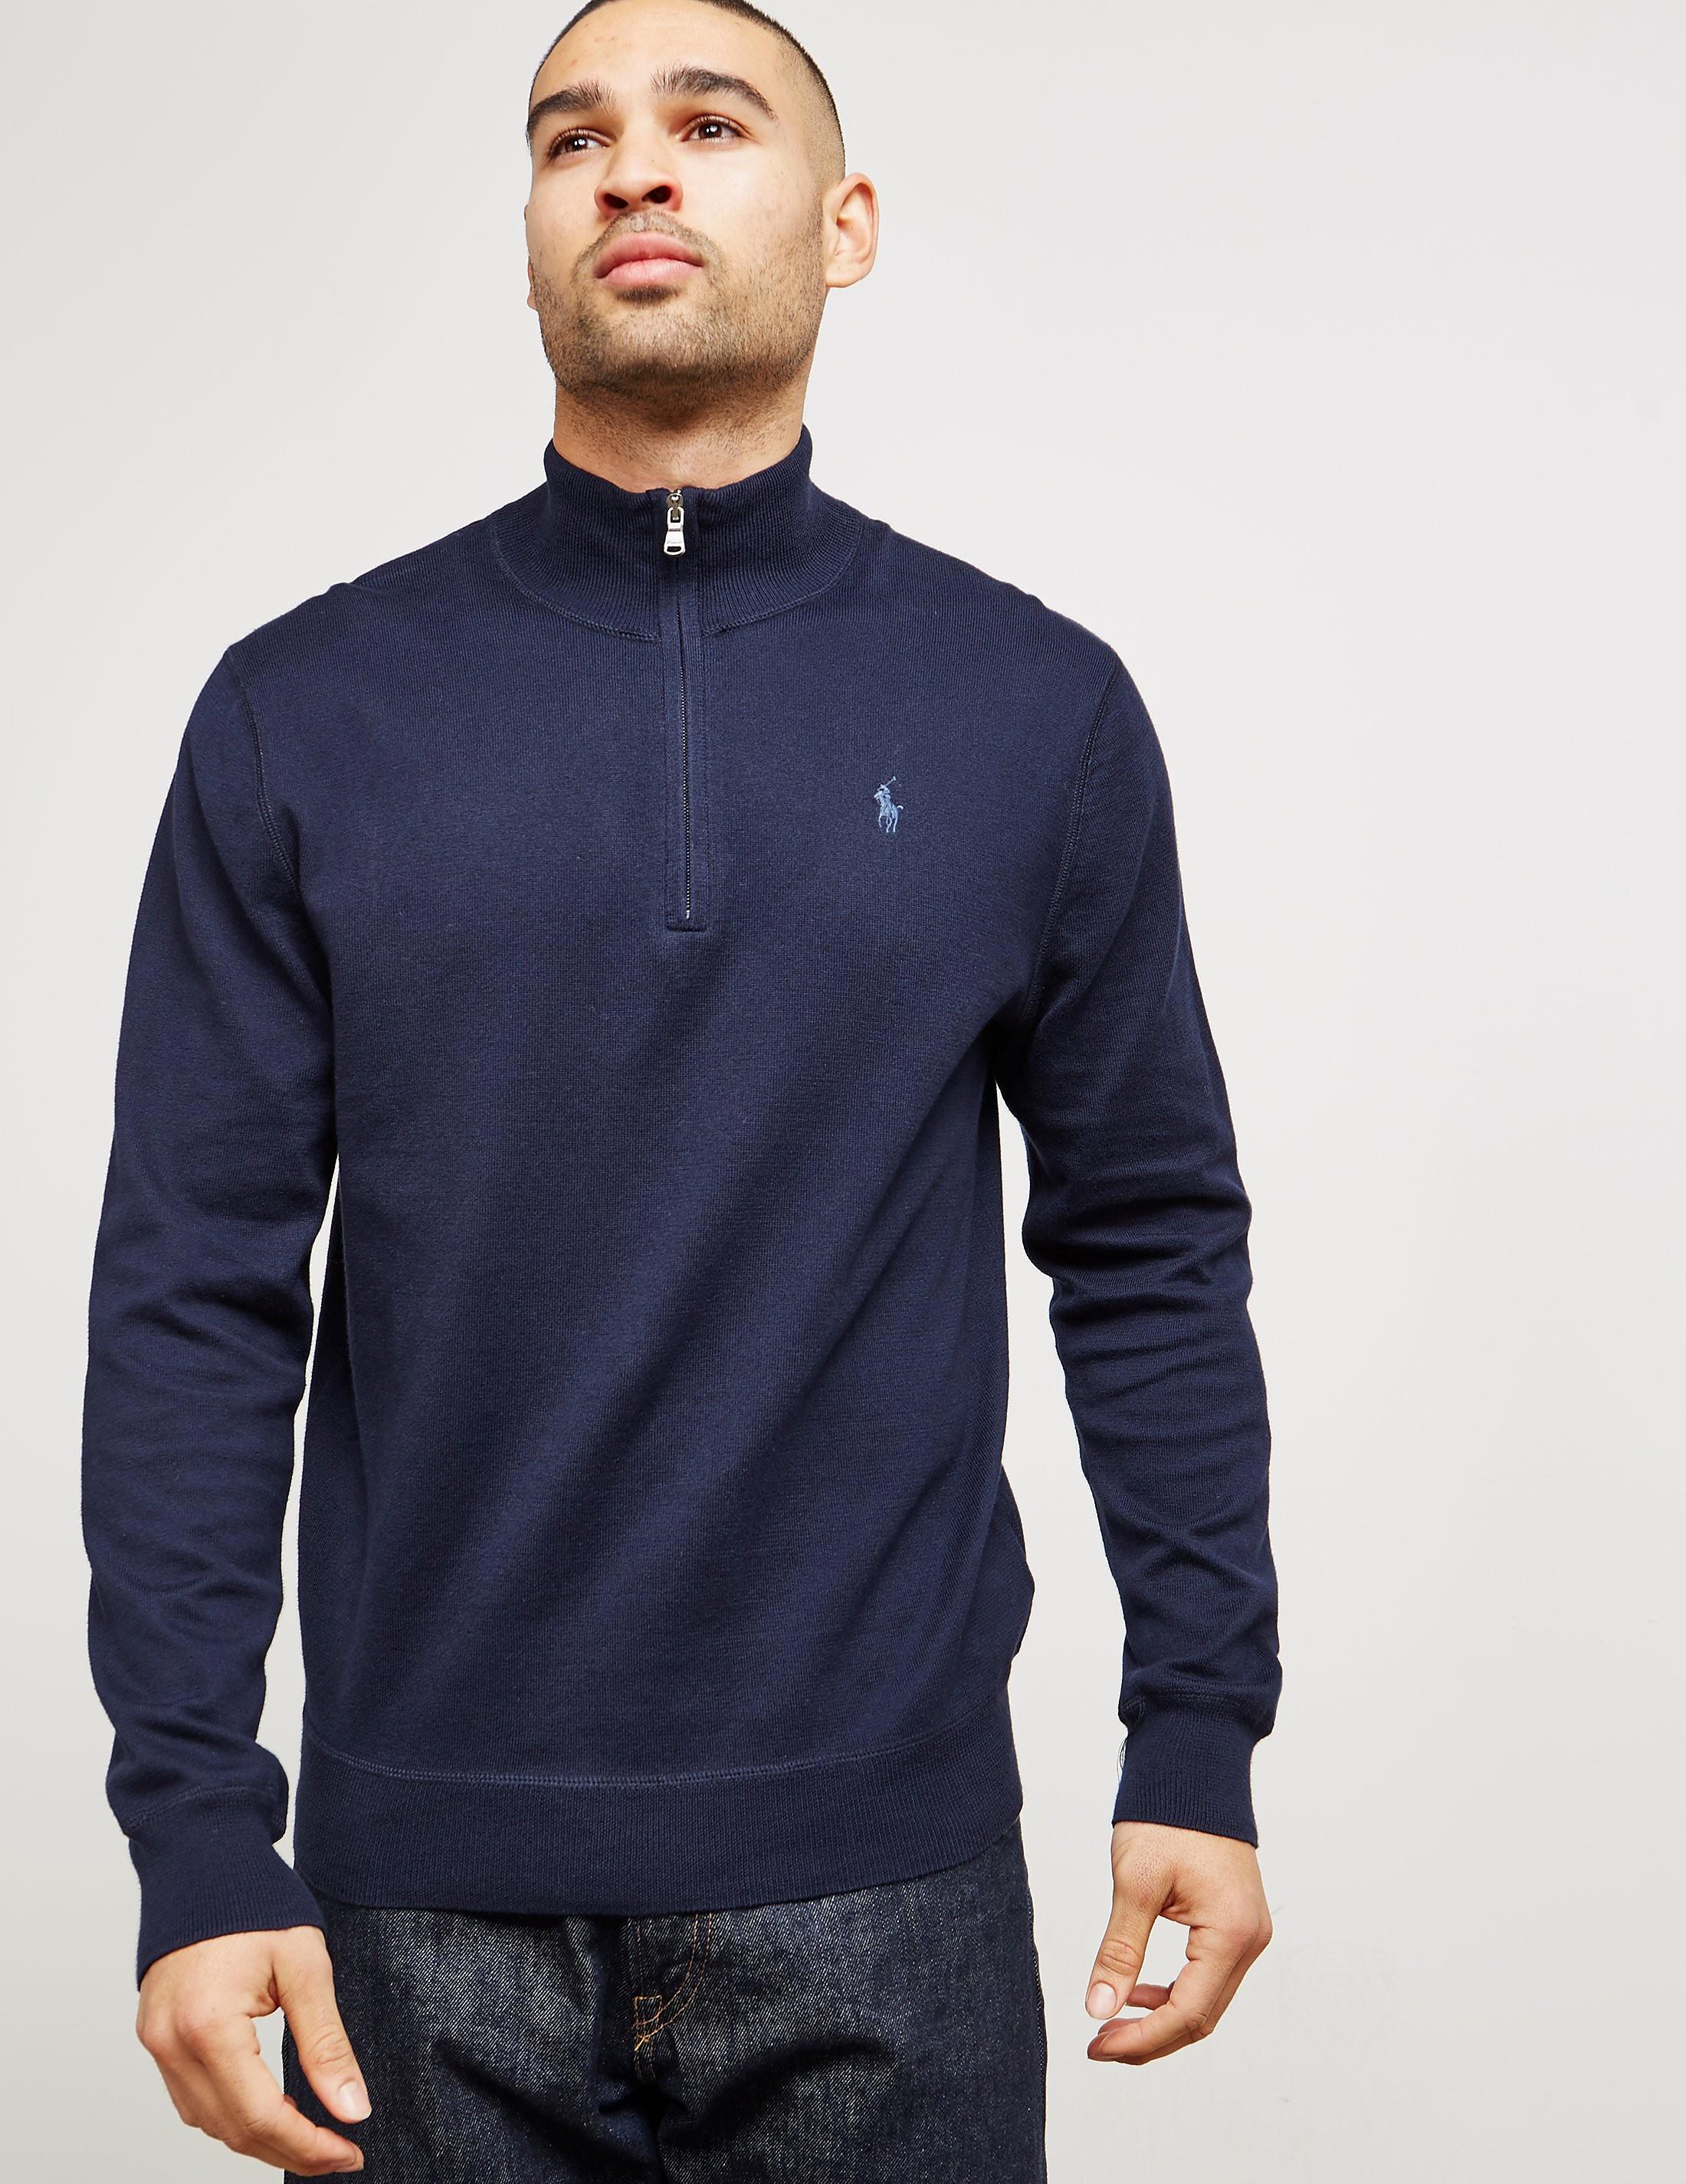 Polo Ralph Lauren Knitted Jumper